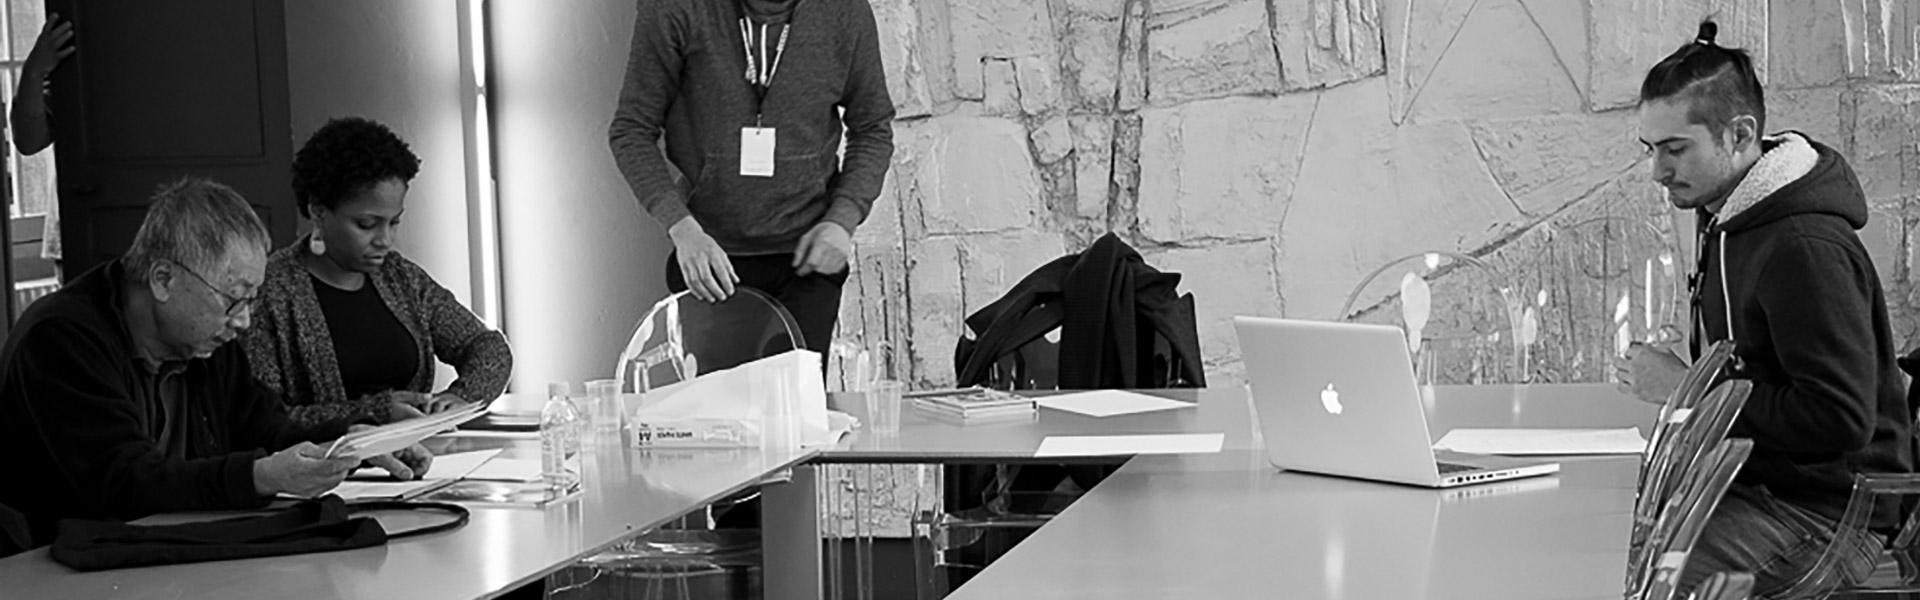 ateliers-jeunes-auteurs-ftc2016-cover